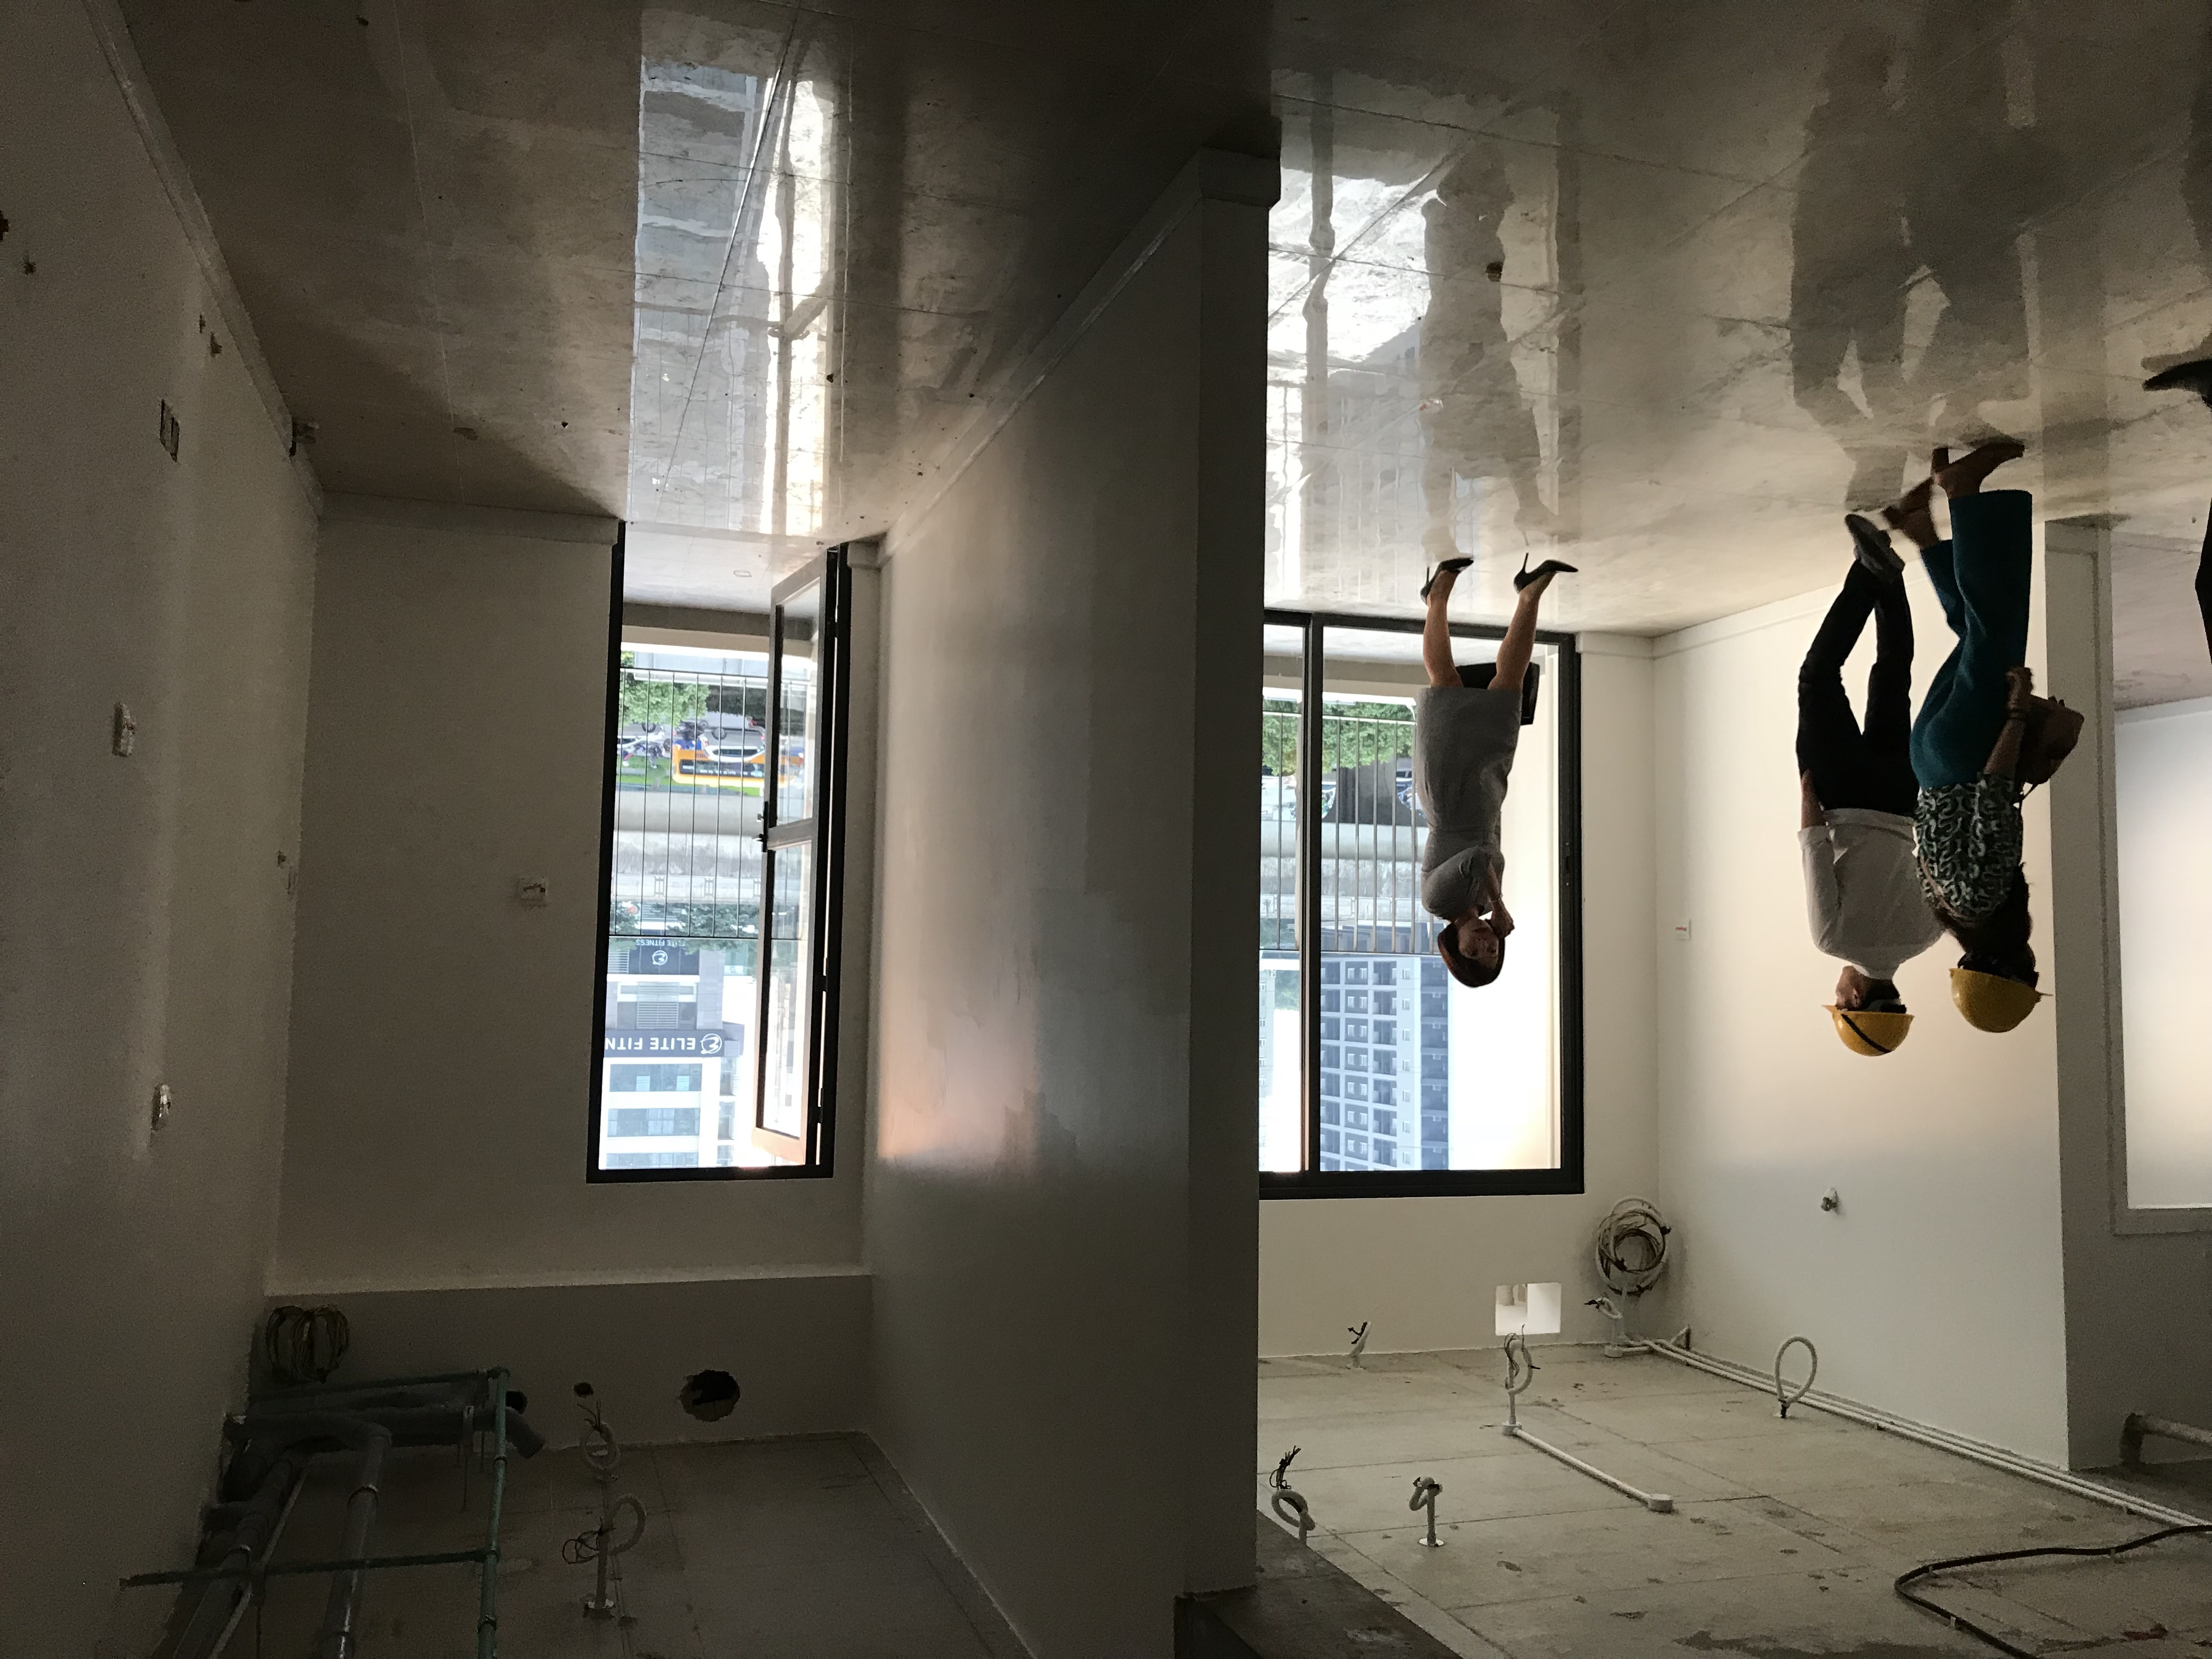 thiết kế nội thất chung cư tại Hà Nội Nội thất D'Capitale 9 1562756704